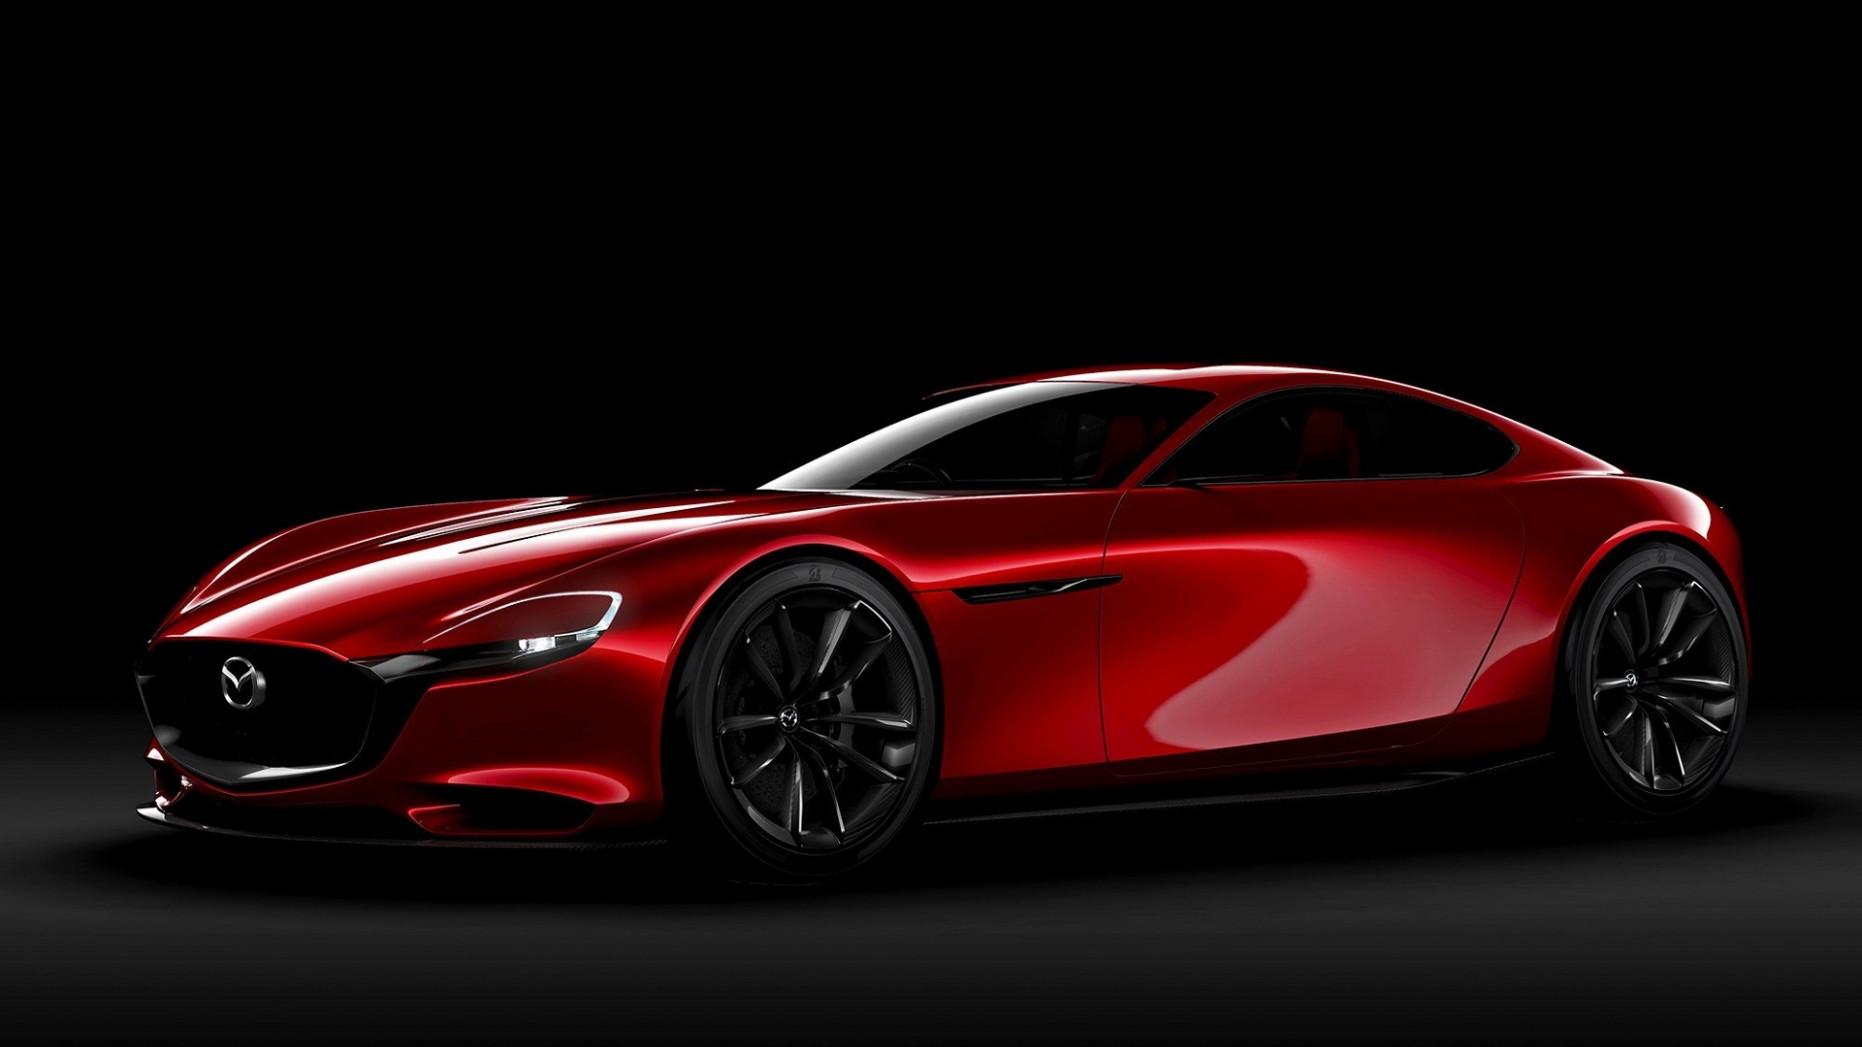 Performance 2022 Mazda Rx9 Price